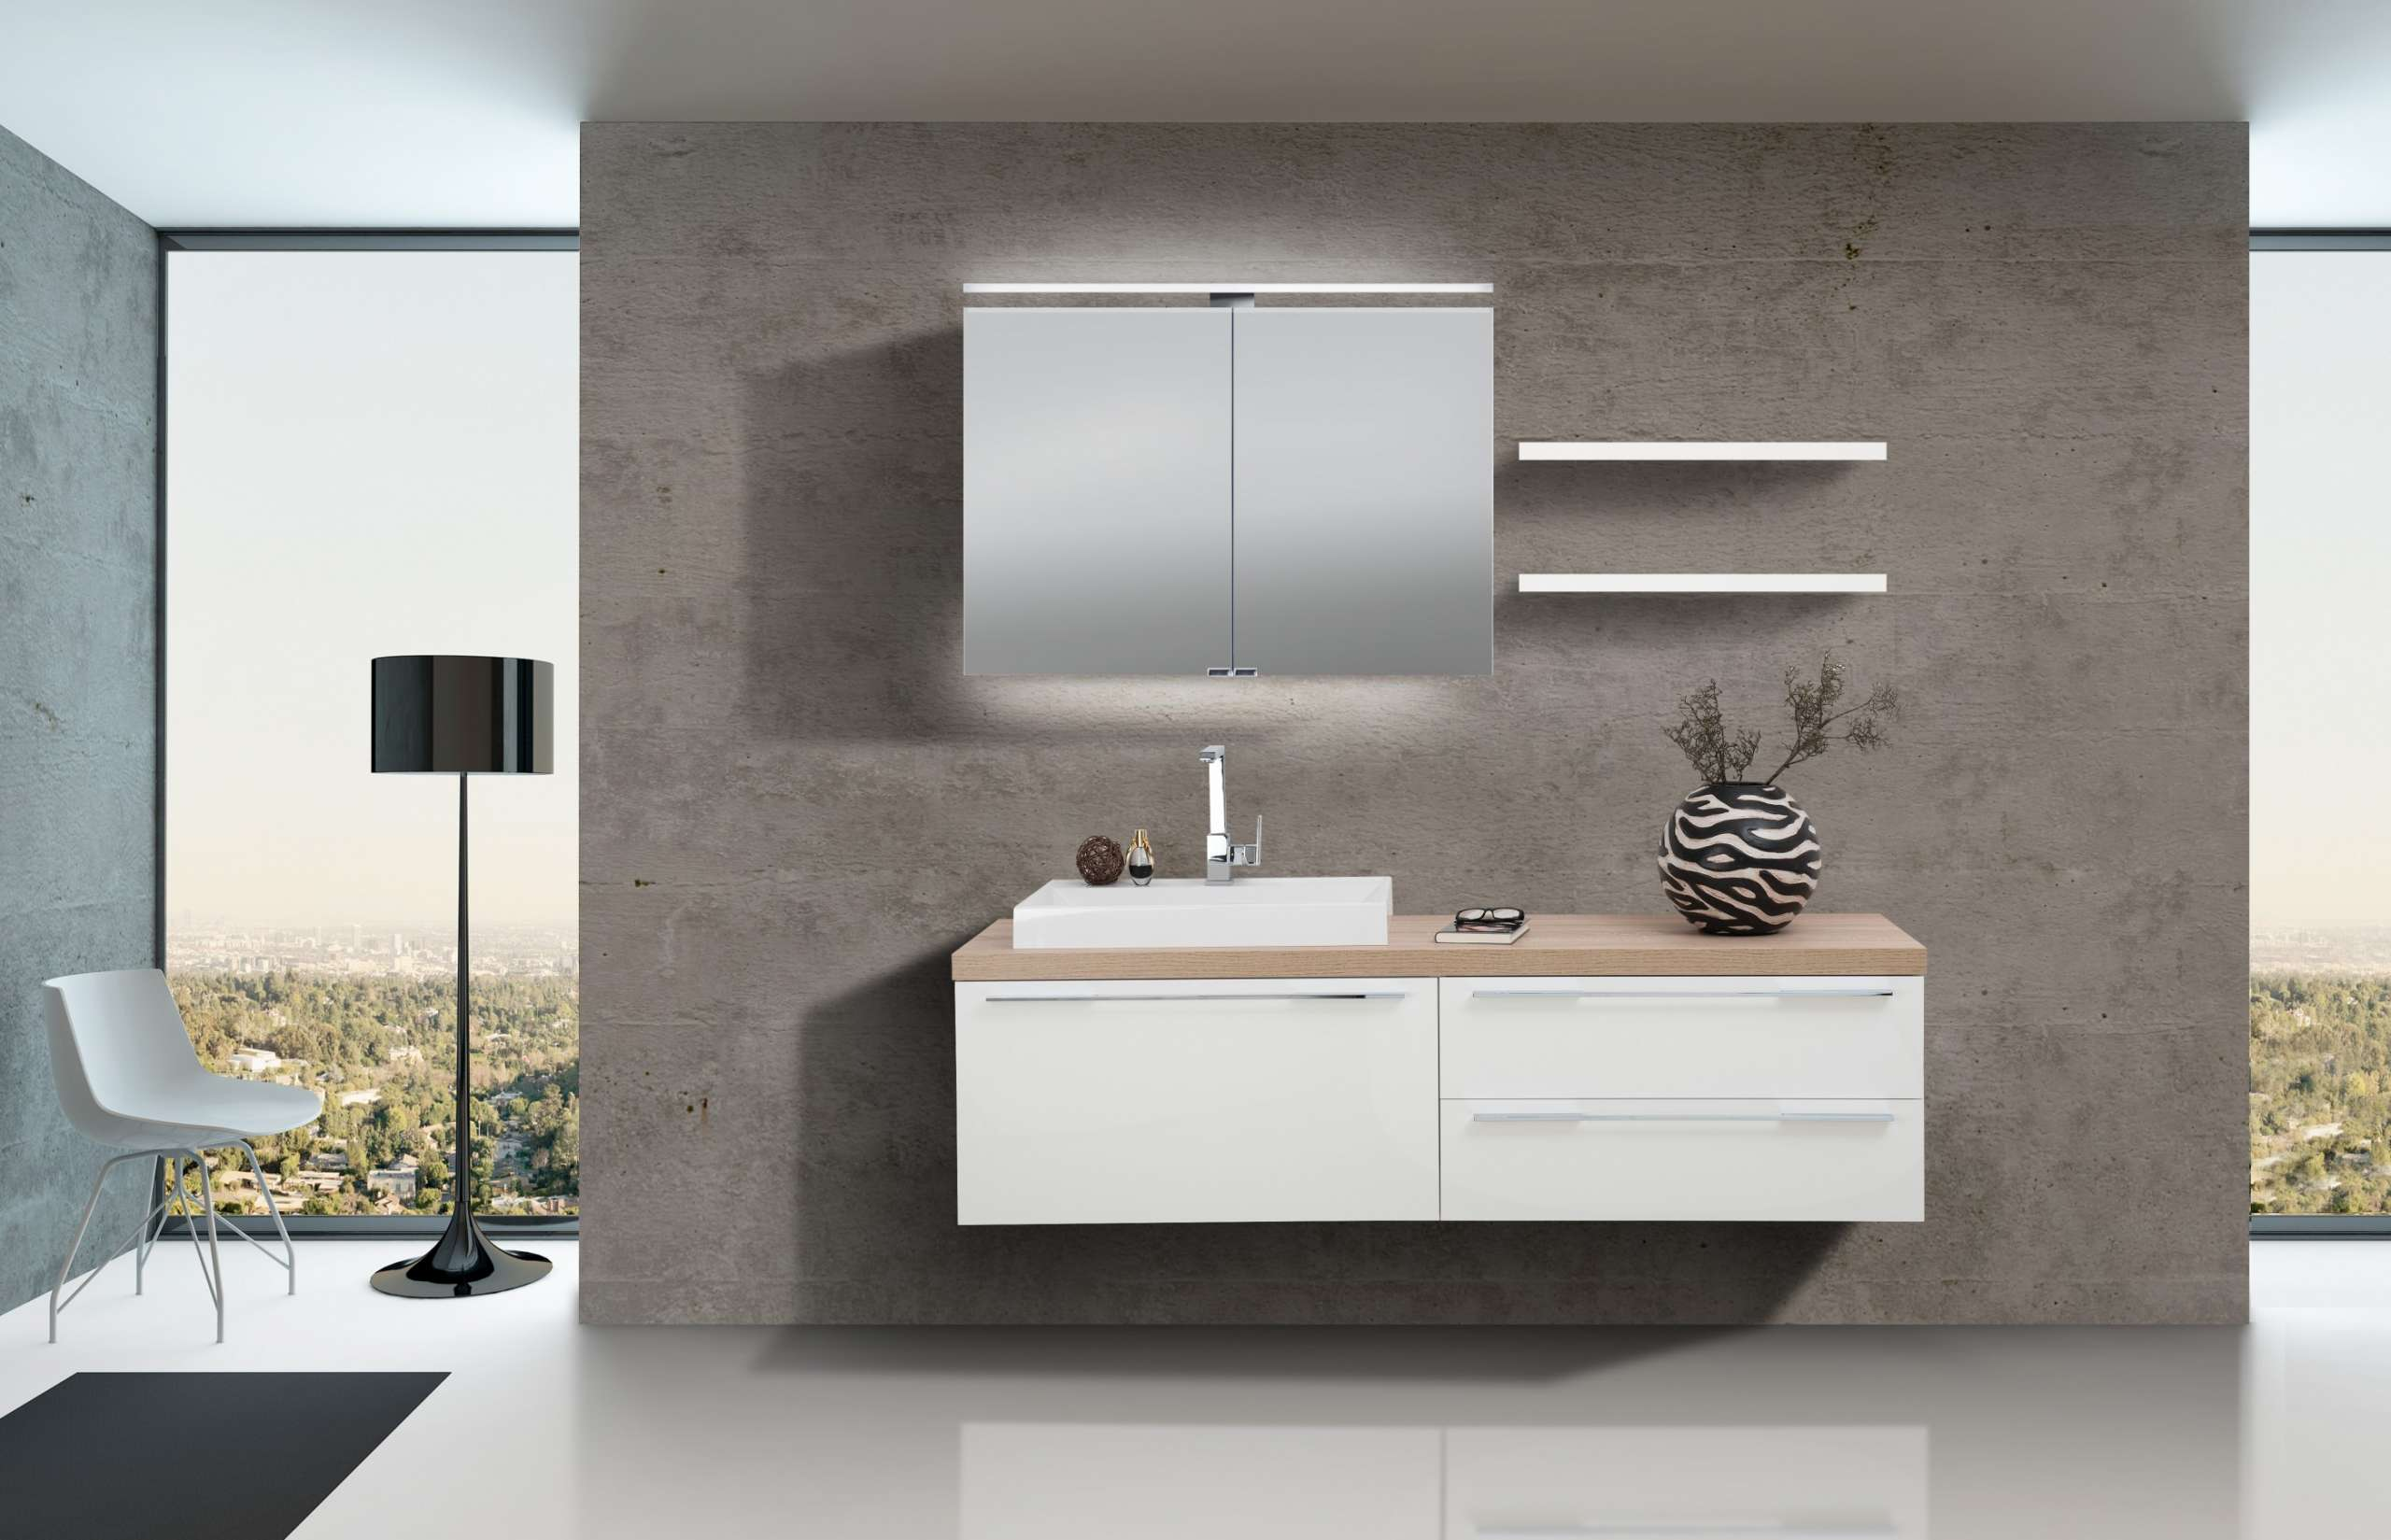 Badezimmer Set Mit Spiegelschrank Und Waschbecken Luxor | Designbaeder.com